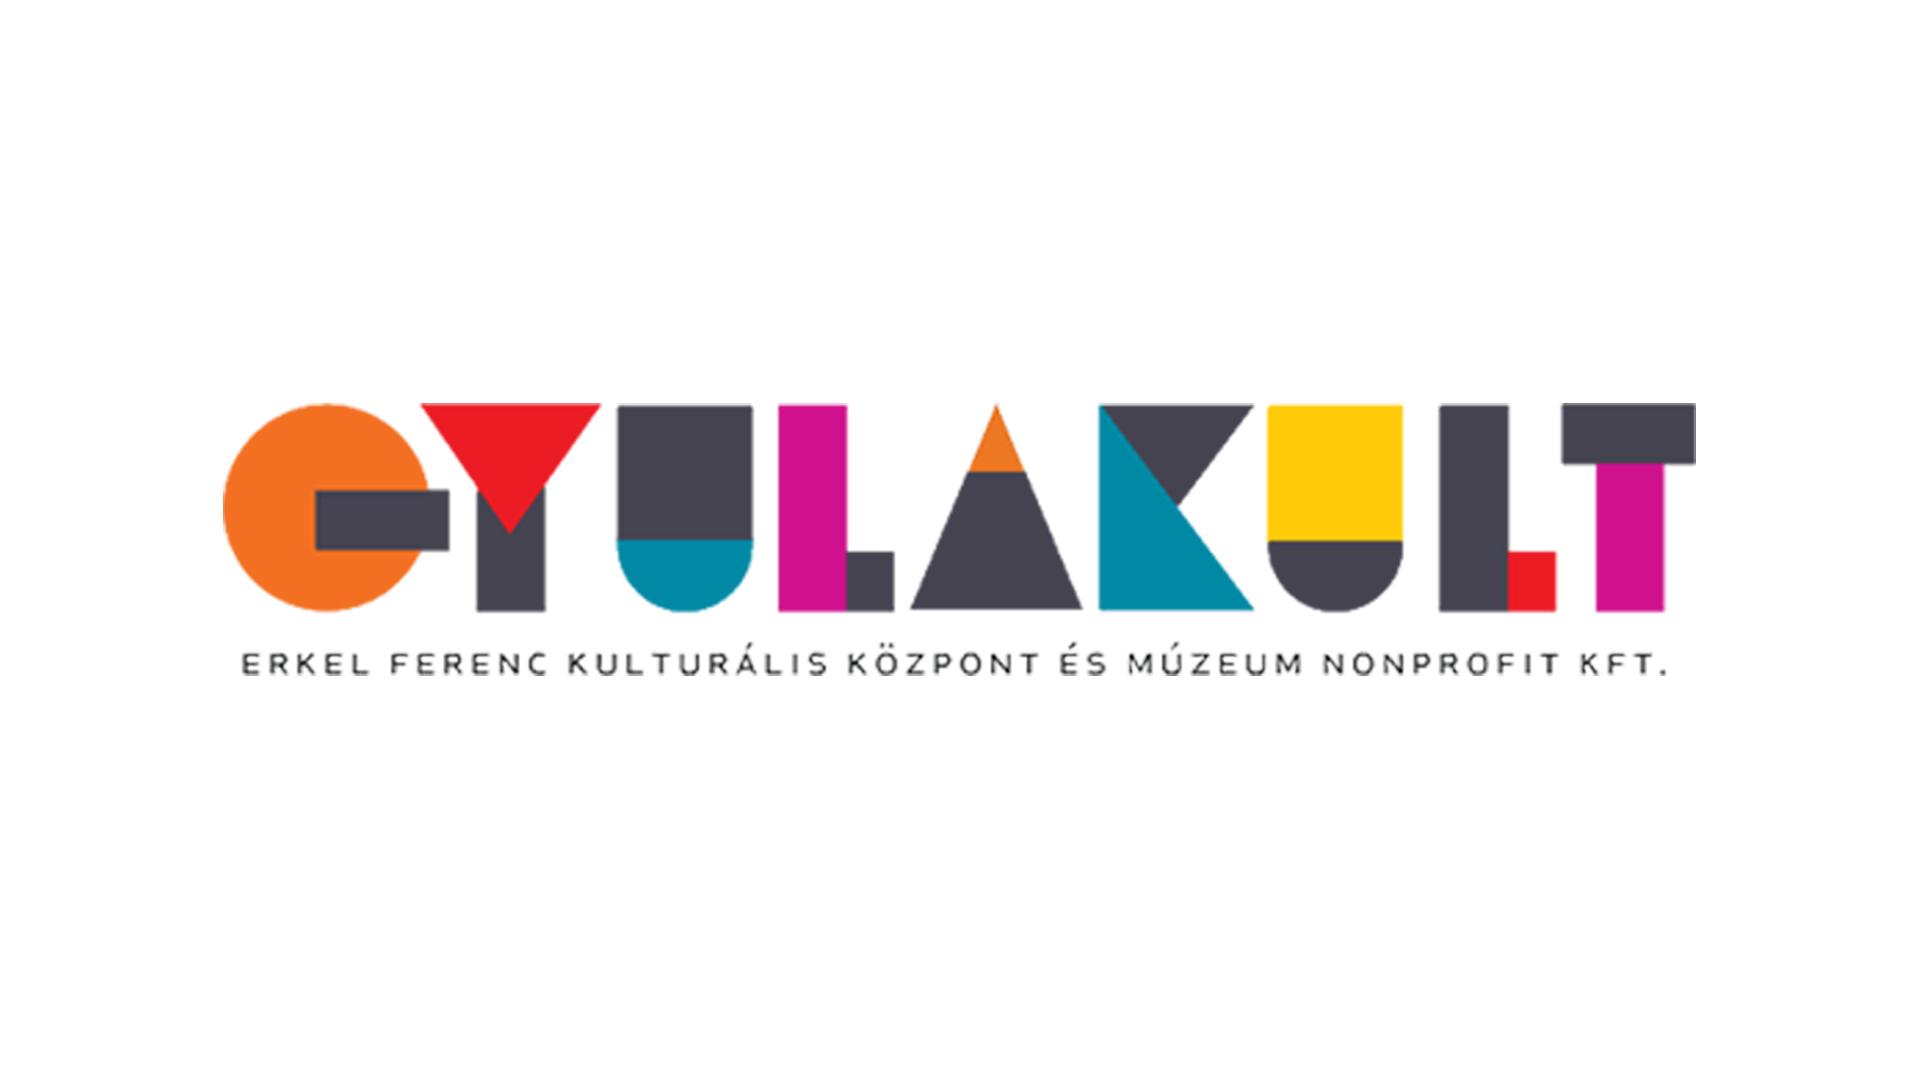 Gyulakult - Gyulai programok, látnivalók